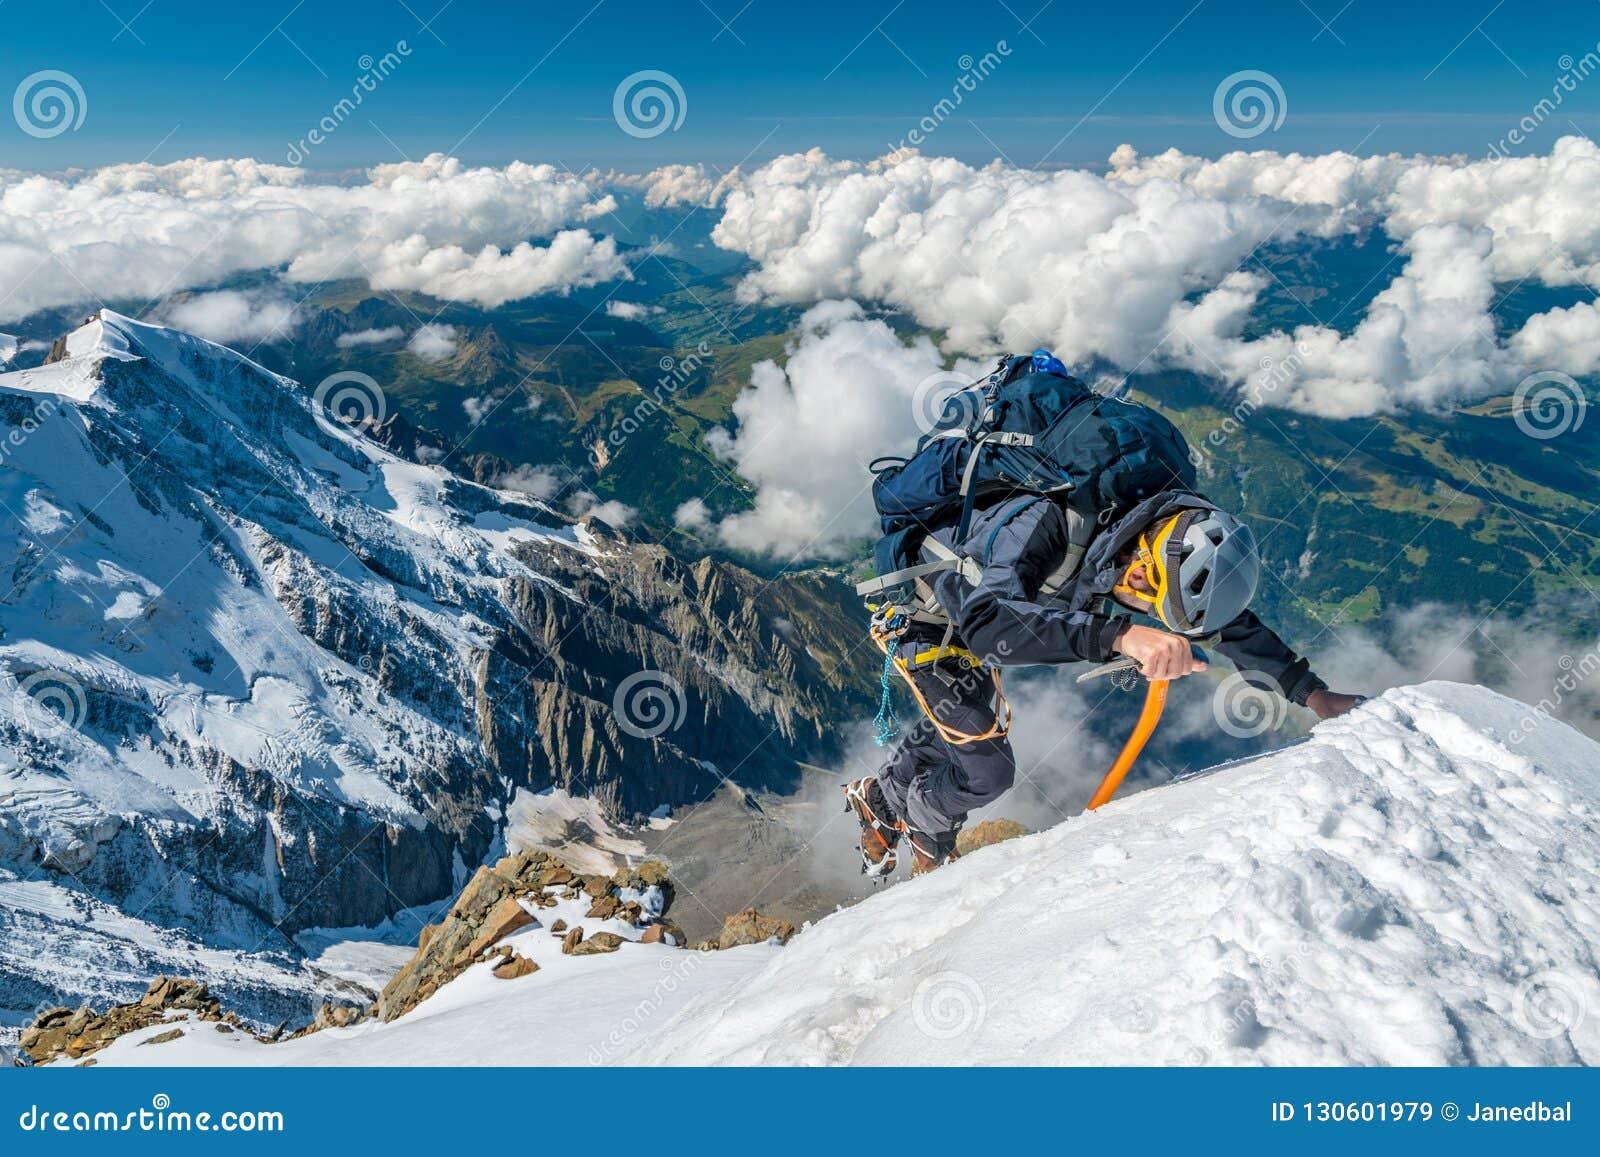 Extrem alpinist i hög höjd på den Aiguille de Bionnassay bergtoppmötet, Mont Blanc massiv, fjällängar, Frankrike